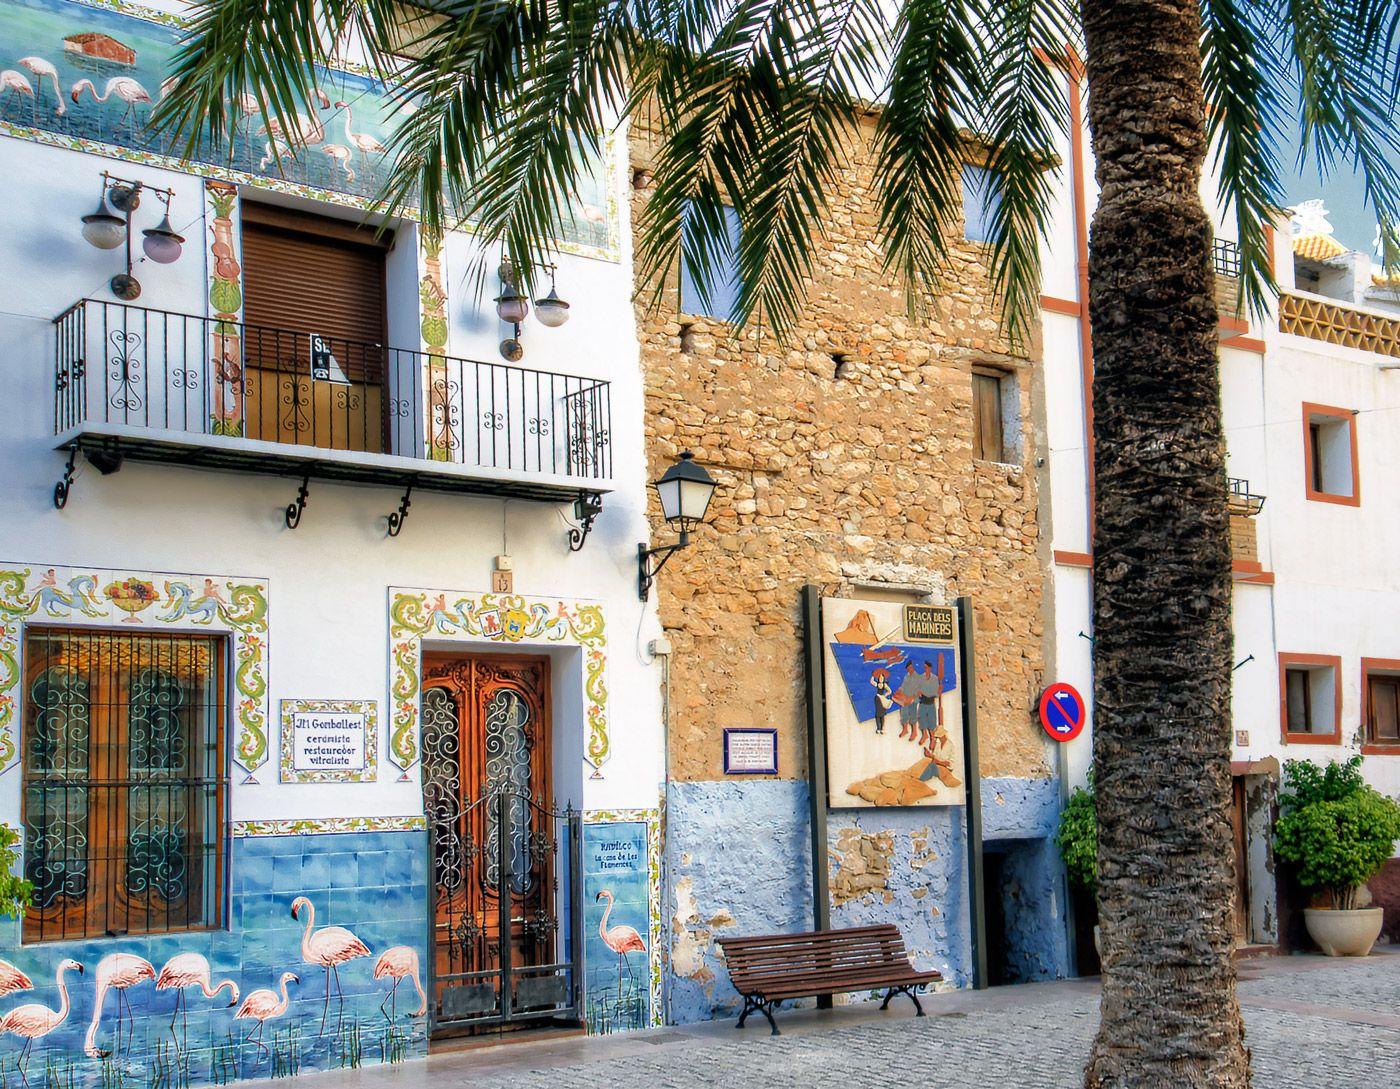 Flamingo In Huis : Huis met keramische beschildering flamingo´s referend aan het